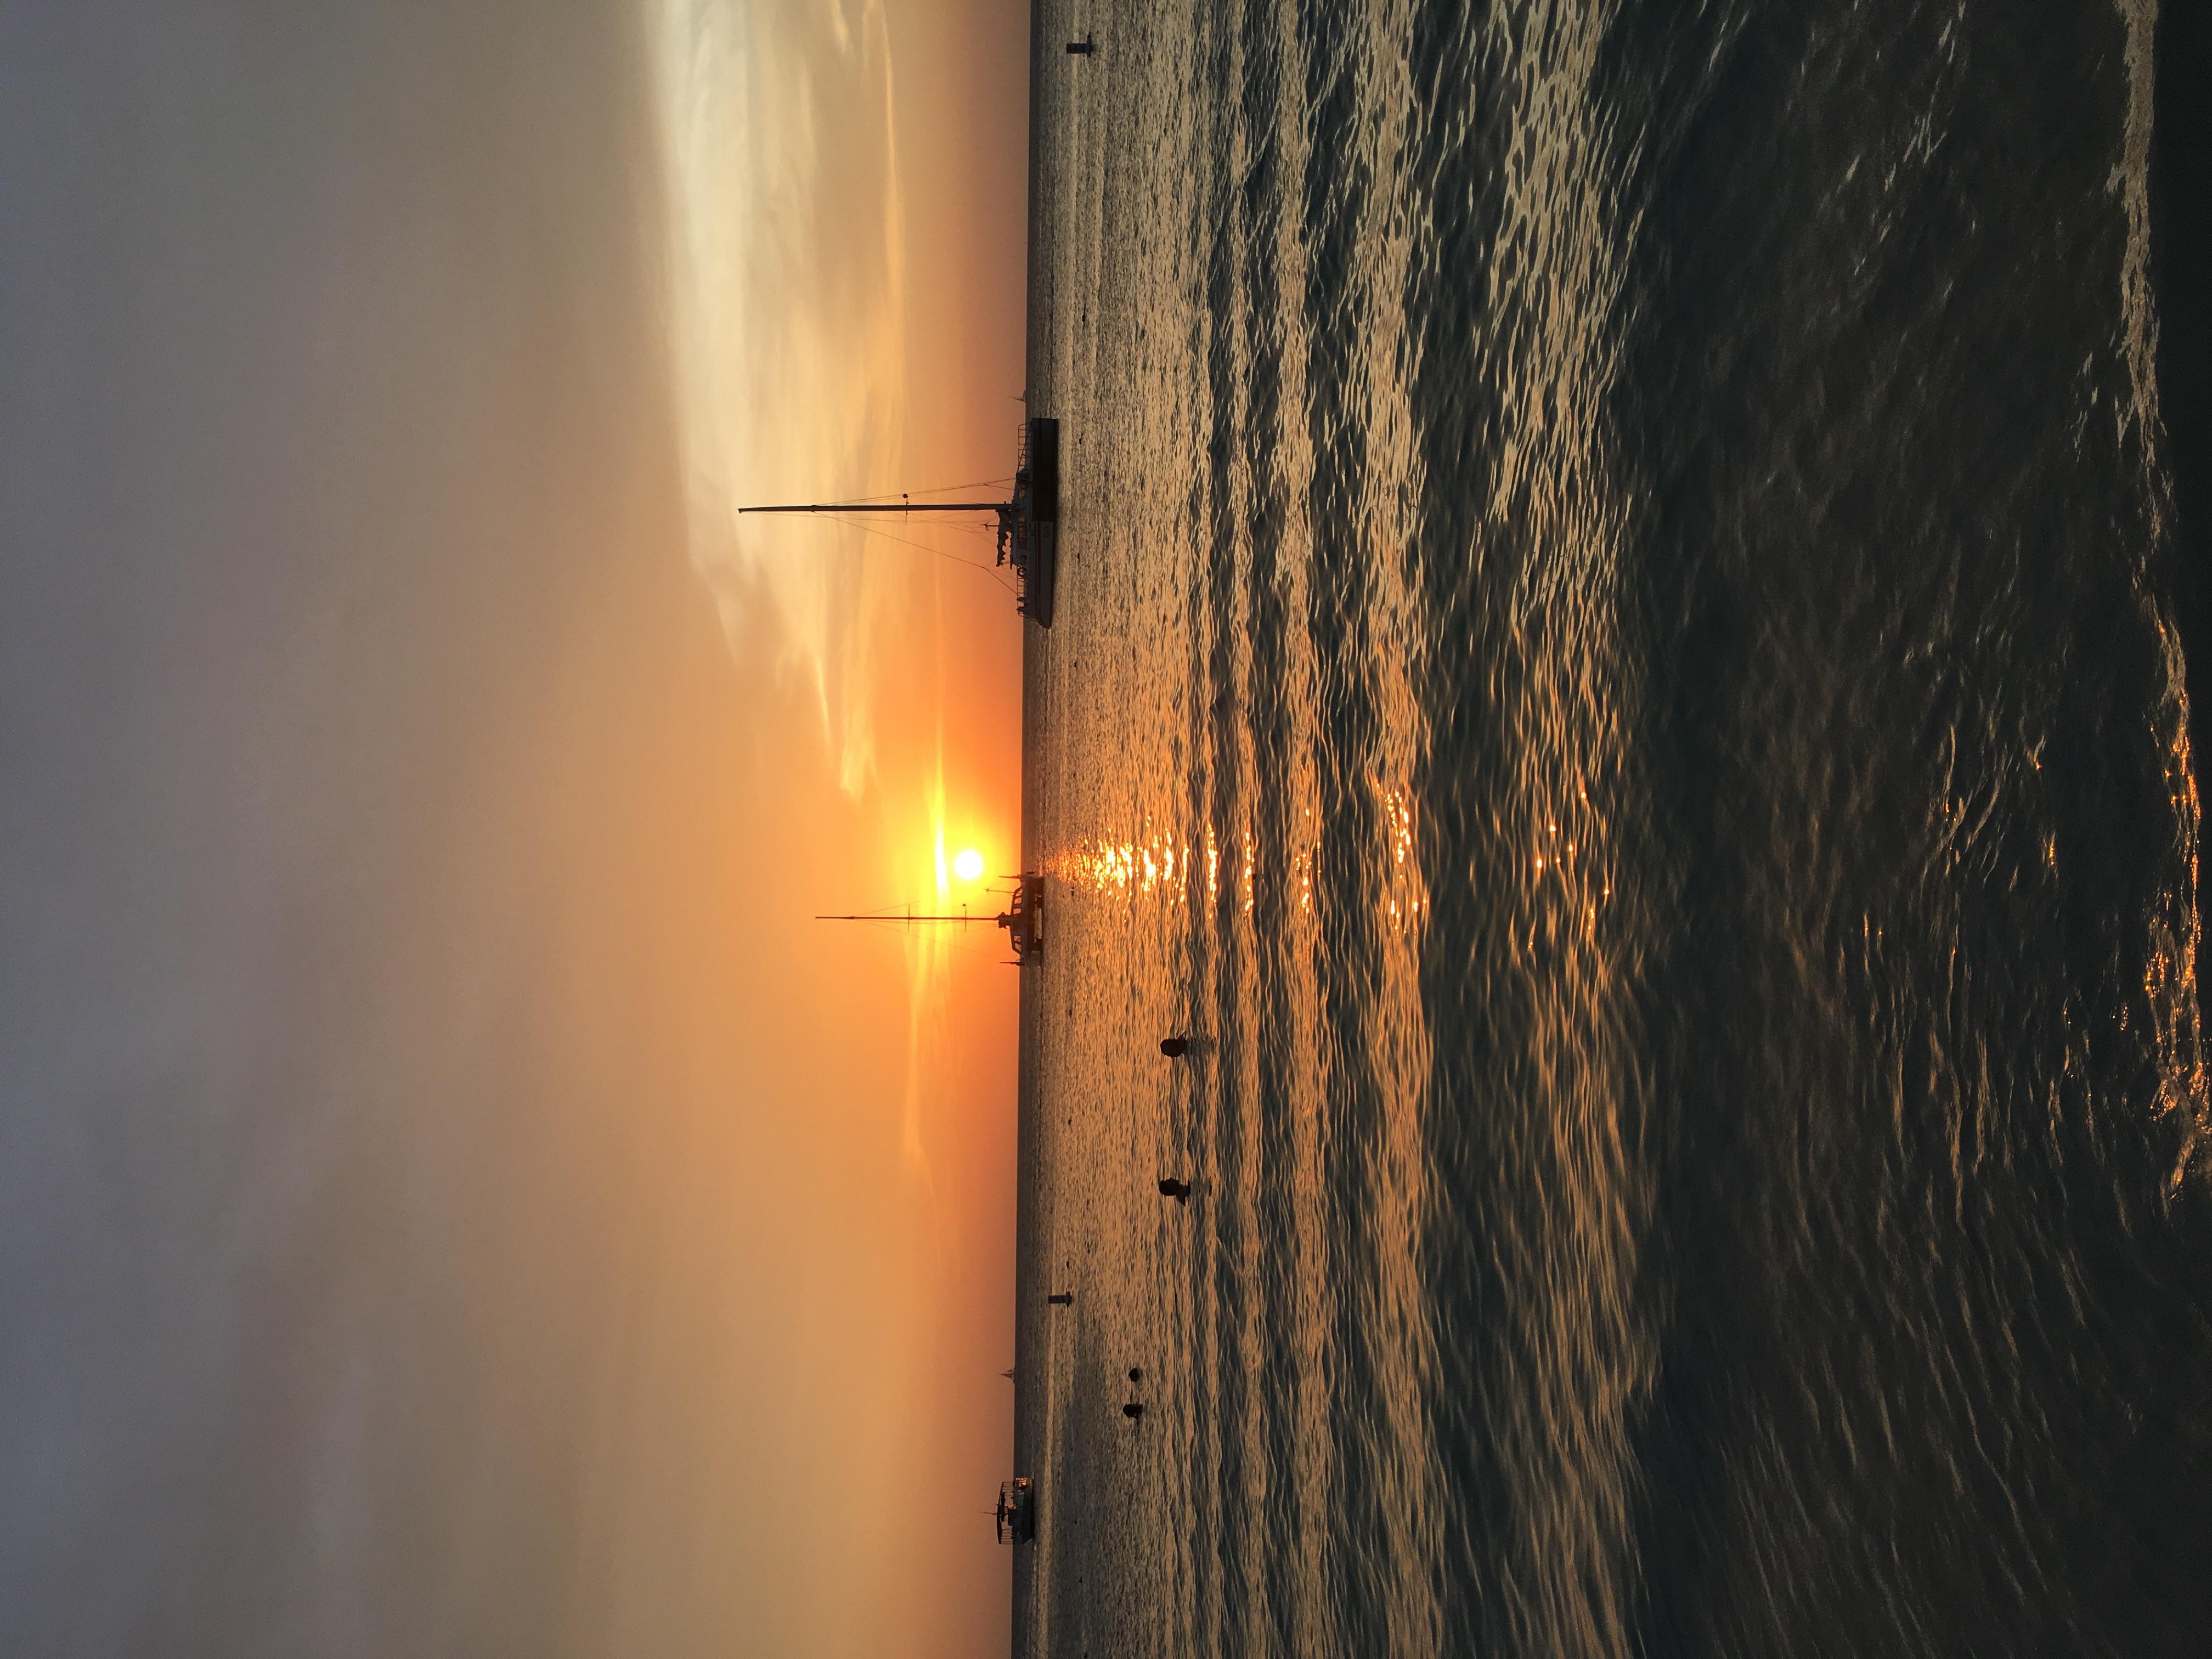 Waning Sun